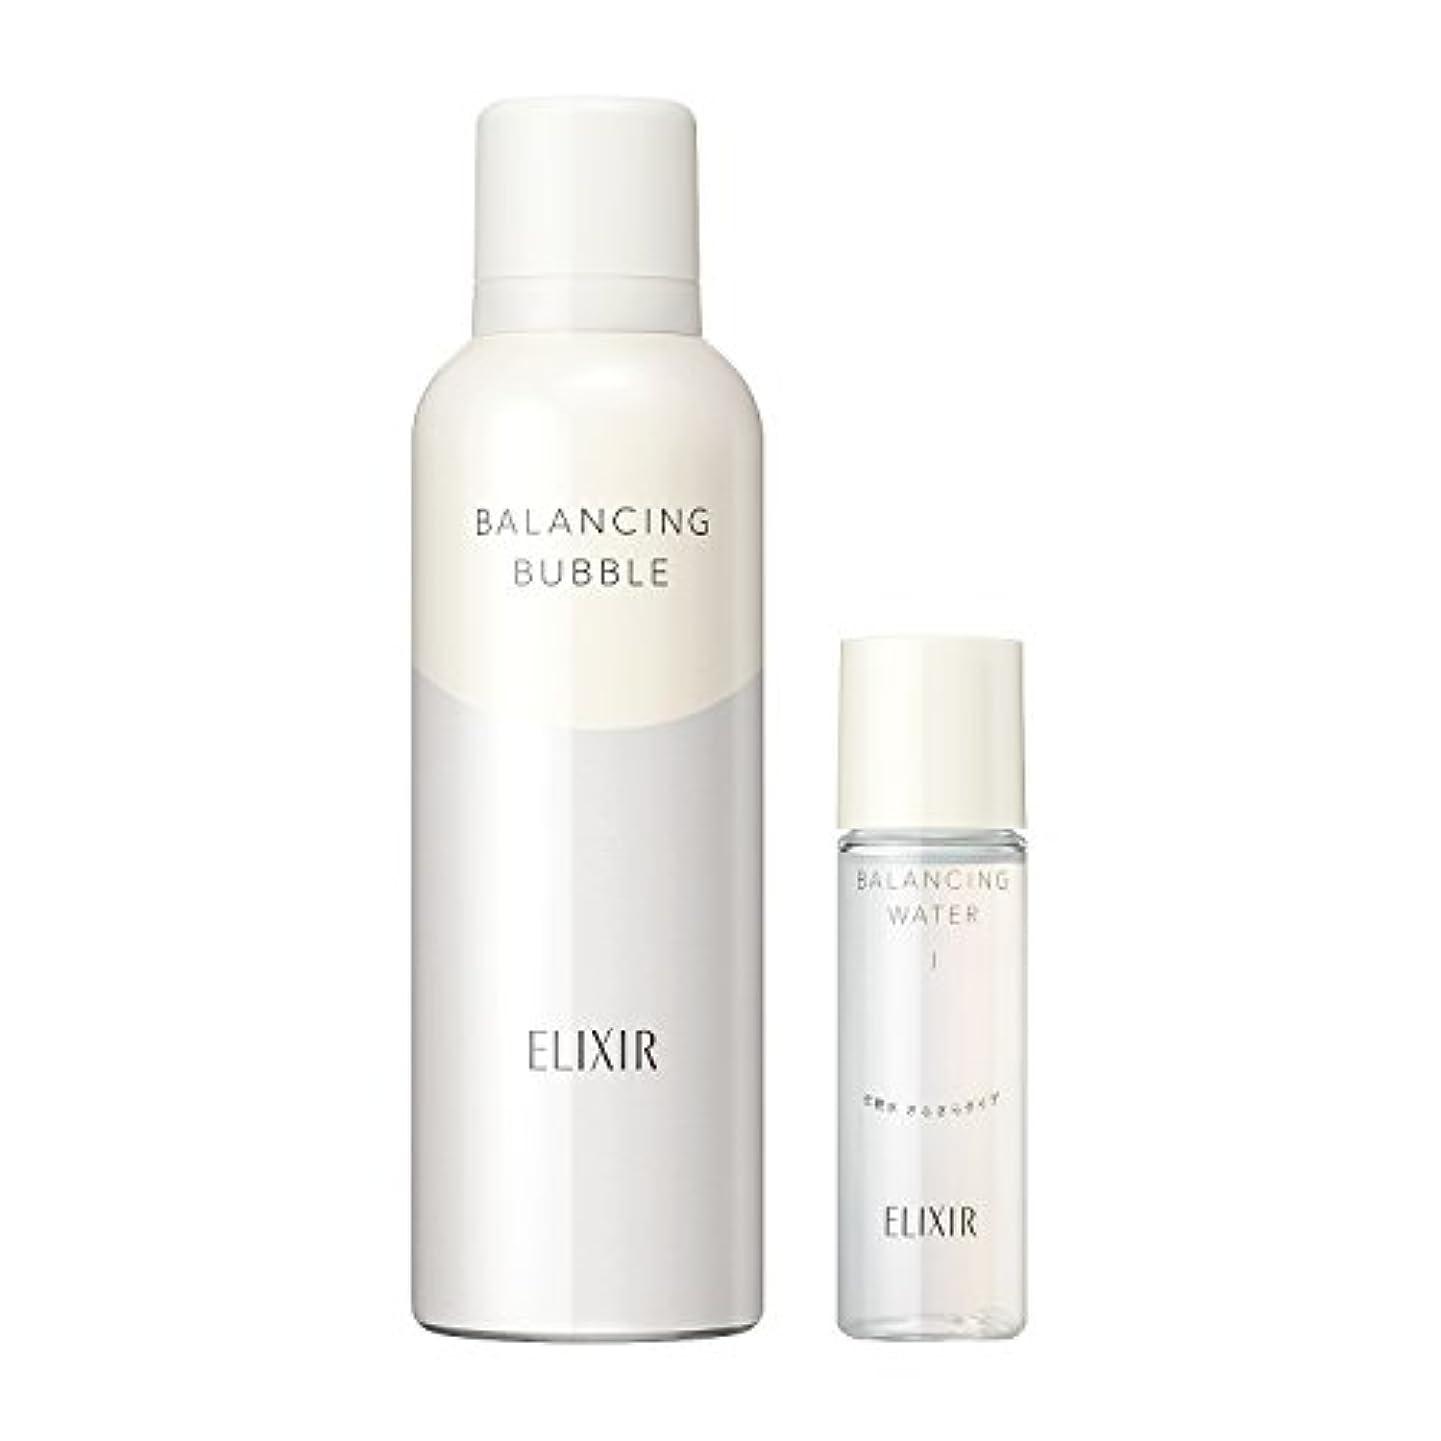 エリクシール ルフレ バランシング バブル 限定セット 化粧水(さらさら)ミニサイズ付き 165g + 30mL